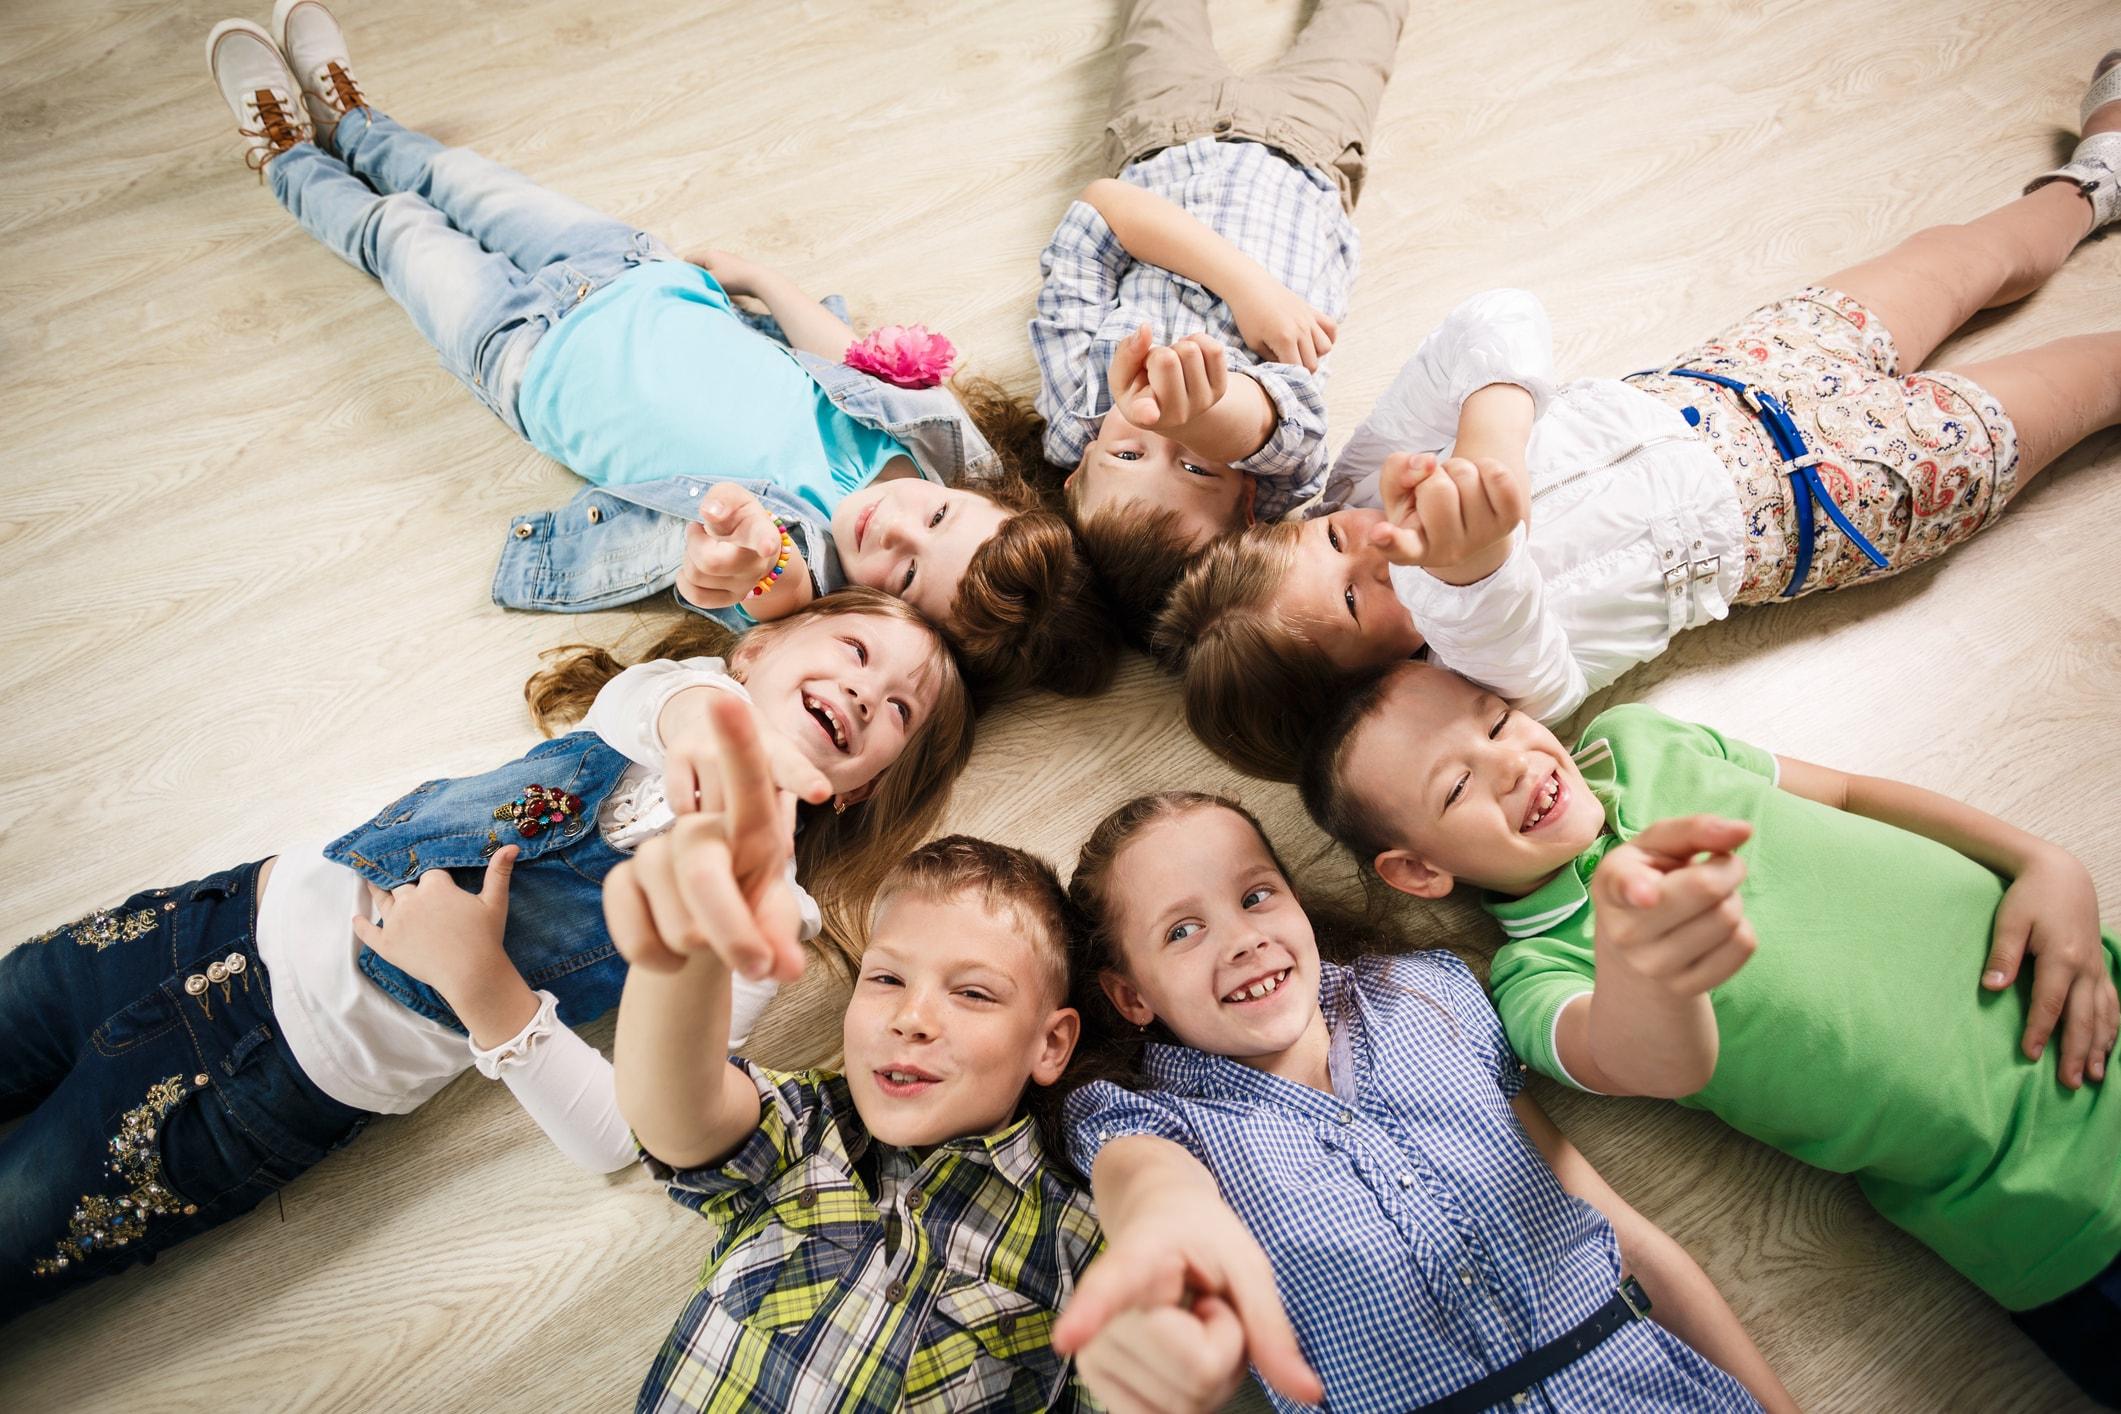 group_of_happy_kids__IceYd.jpg